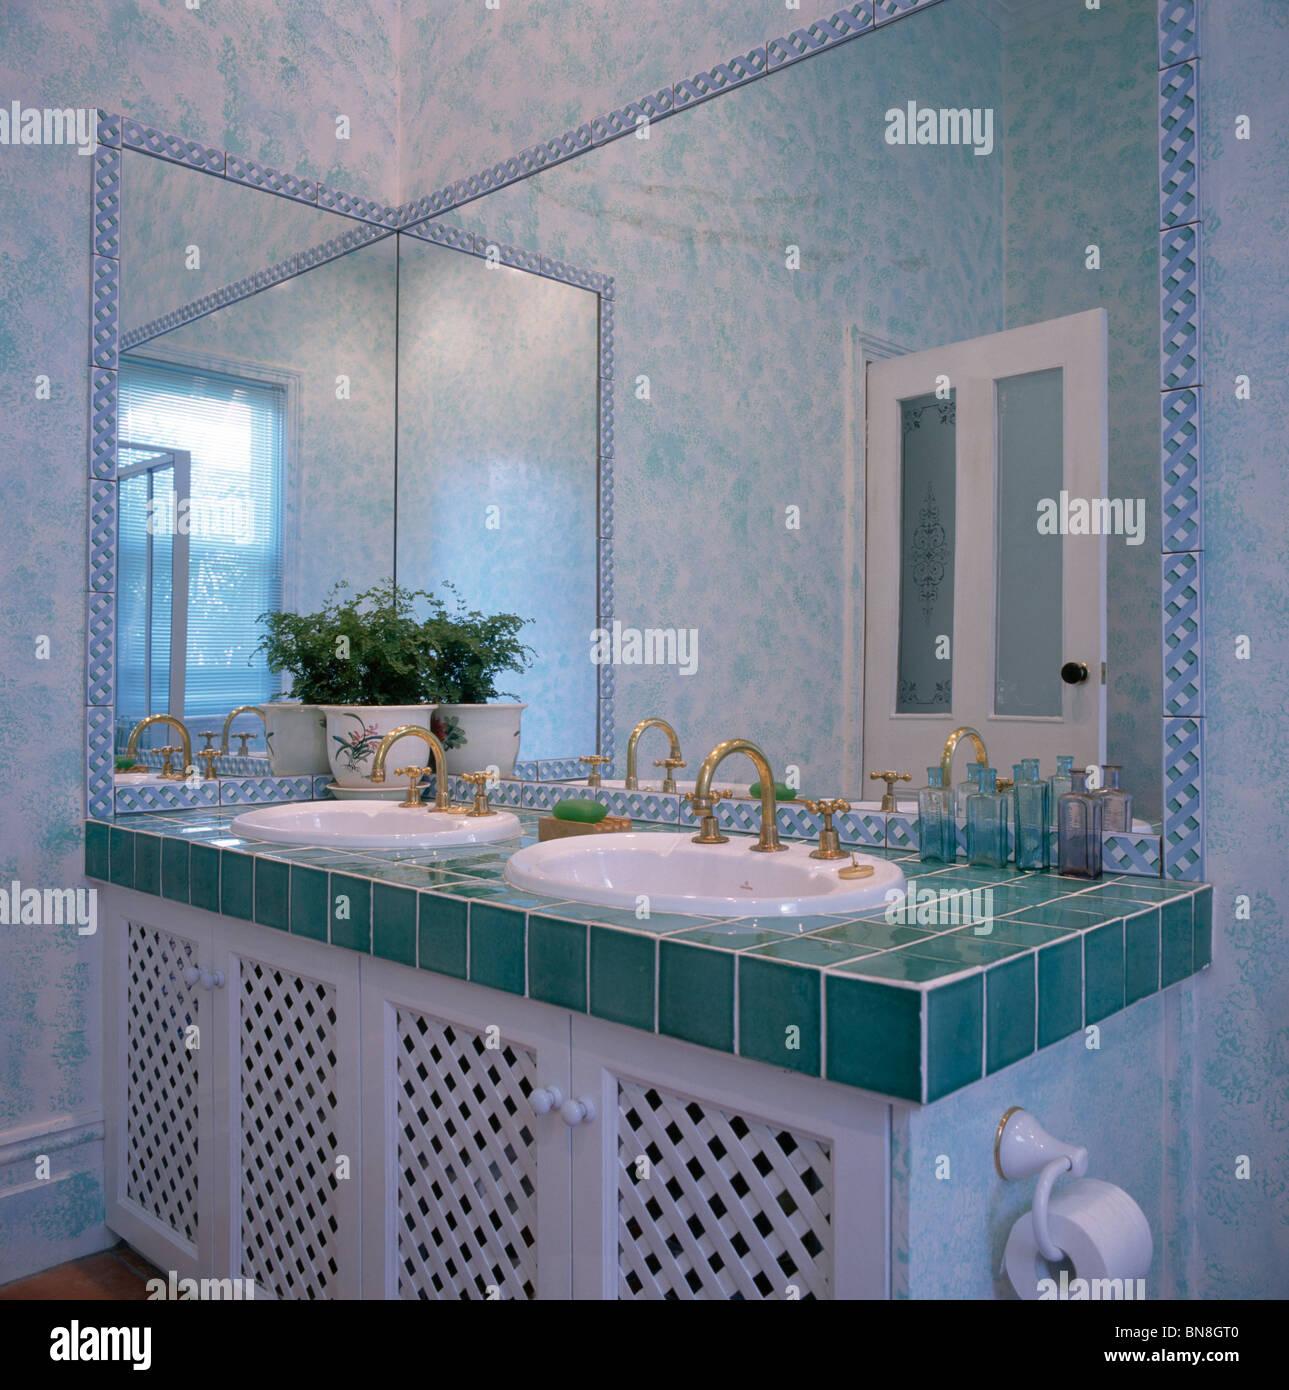 GroBartig Spiegel über Doppelwaschbecken In Eitelkeit Einheit Mit Türkisfarbenen  Gefliesten Arbeitsplatte Im Modernen Badezimmer Mit Schwamm Effekt Wände